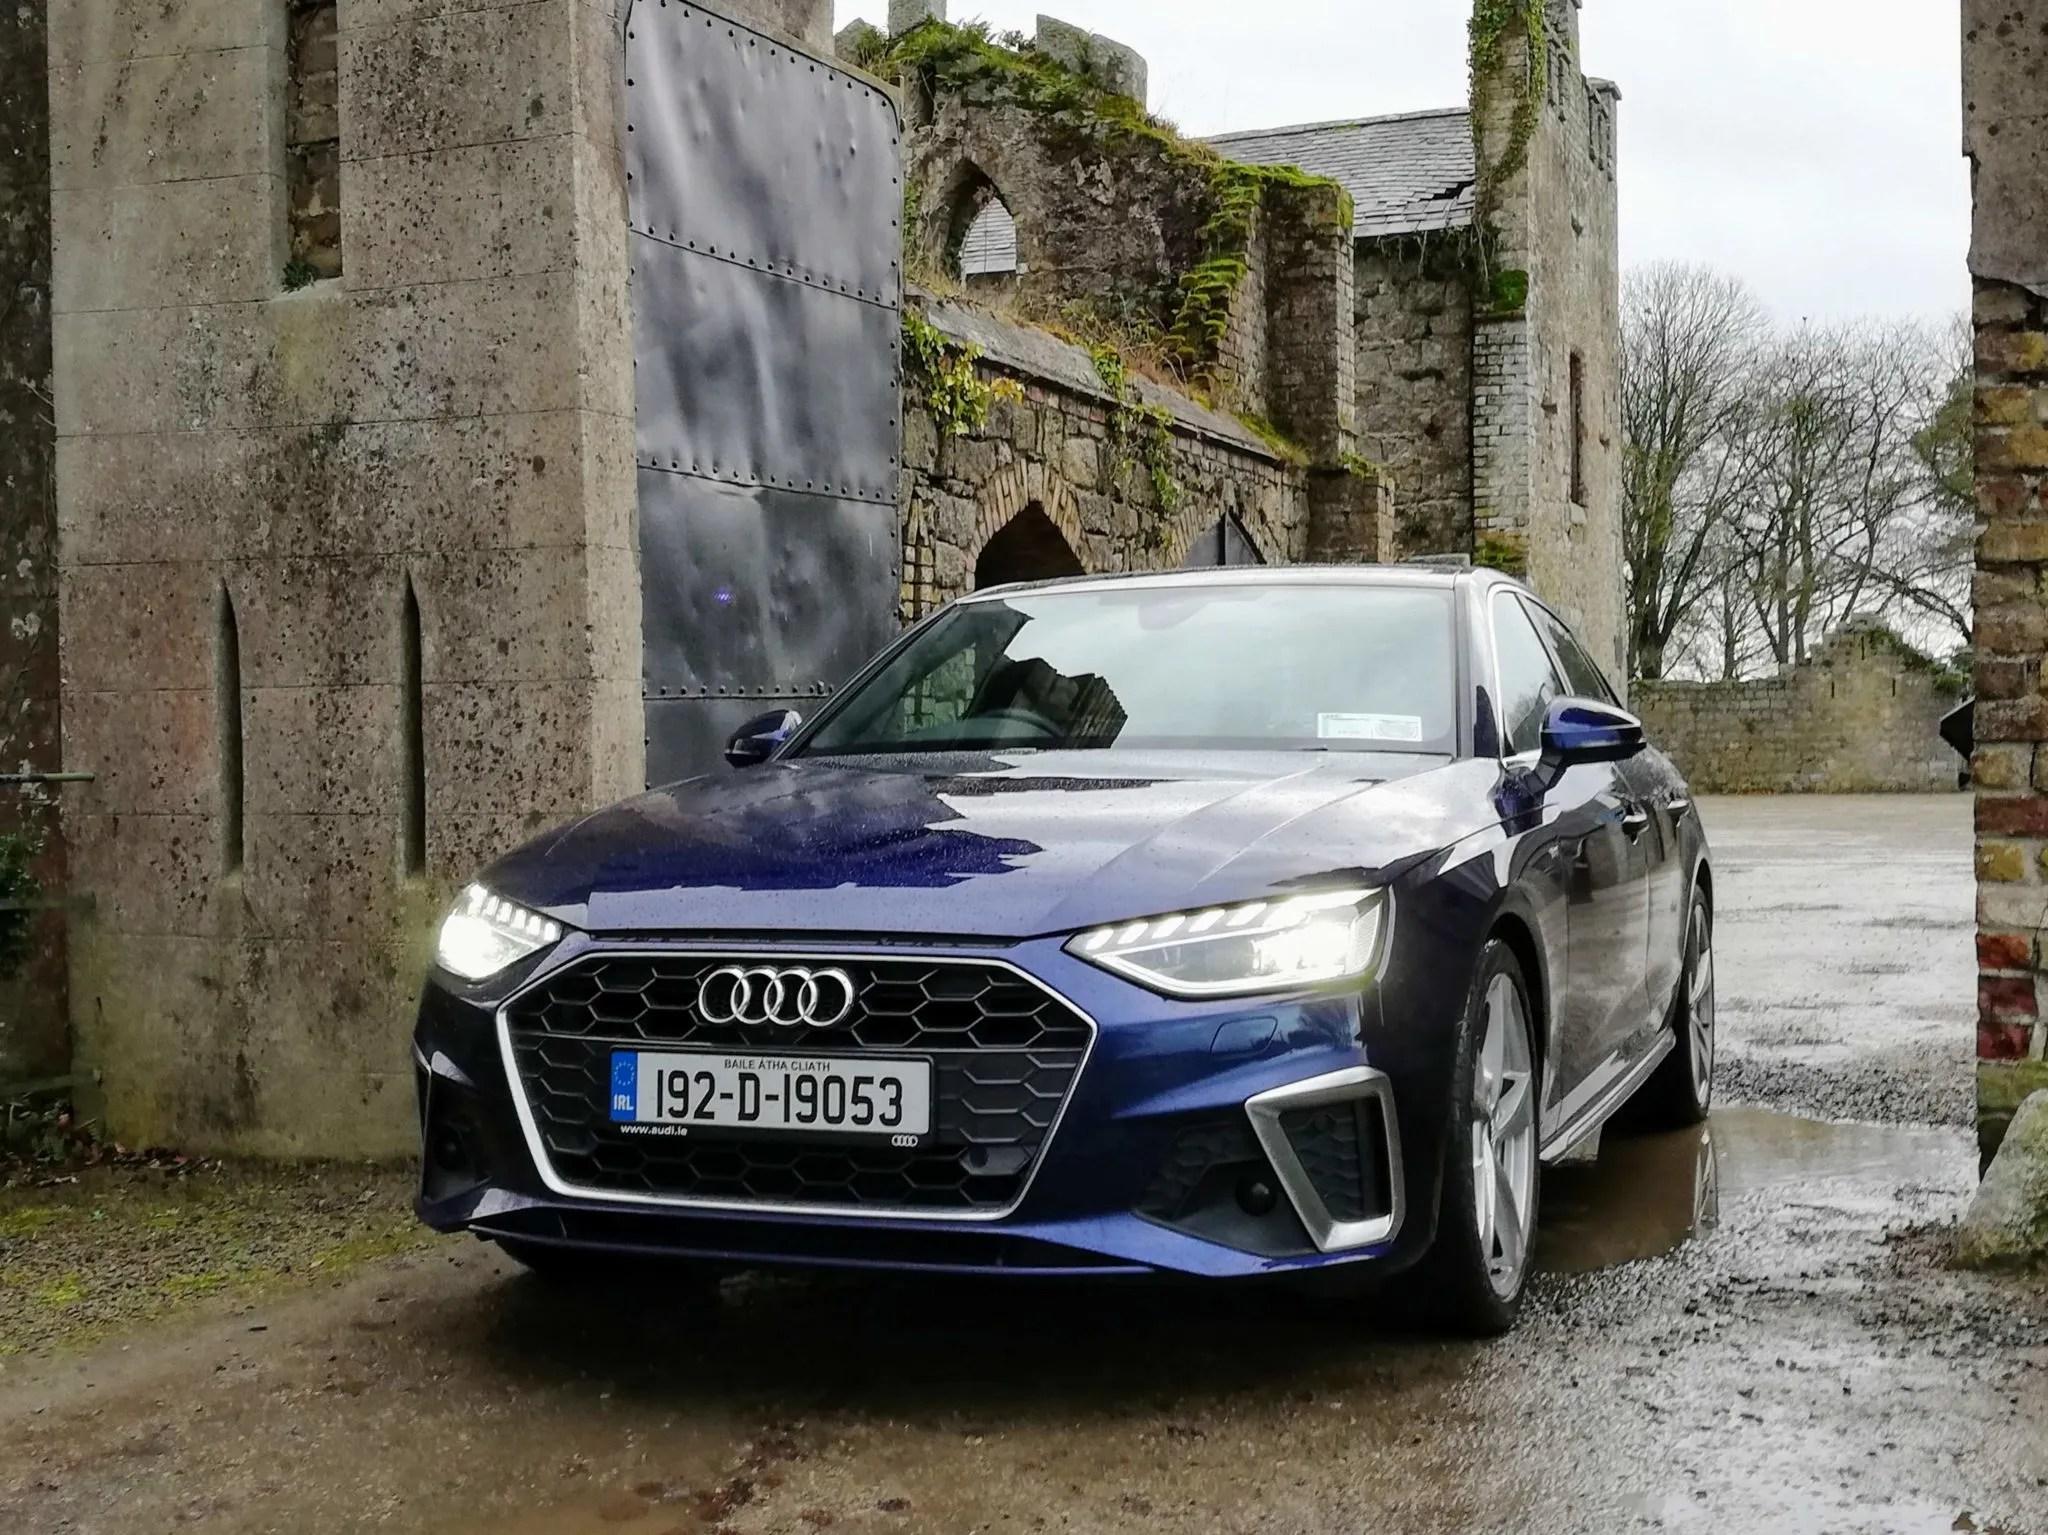 Kekurangan Audi A4 Tdi Perbandingan Harga